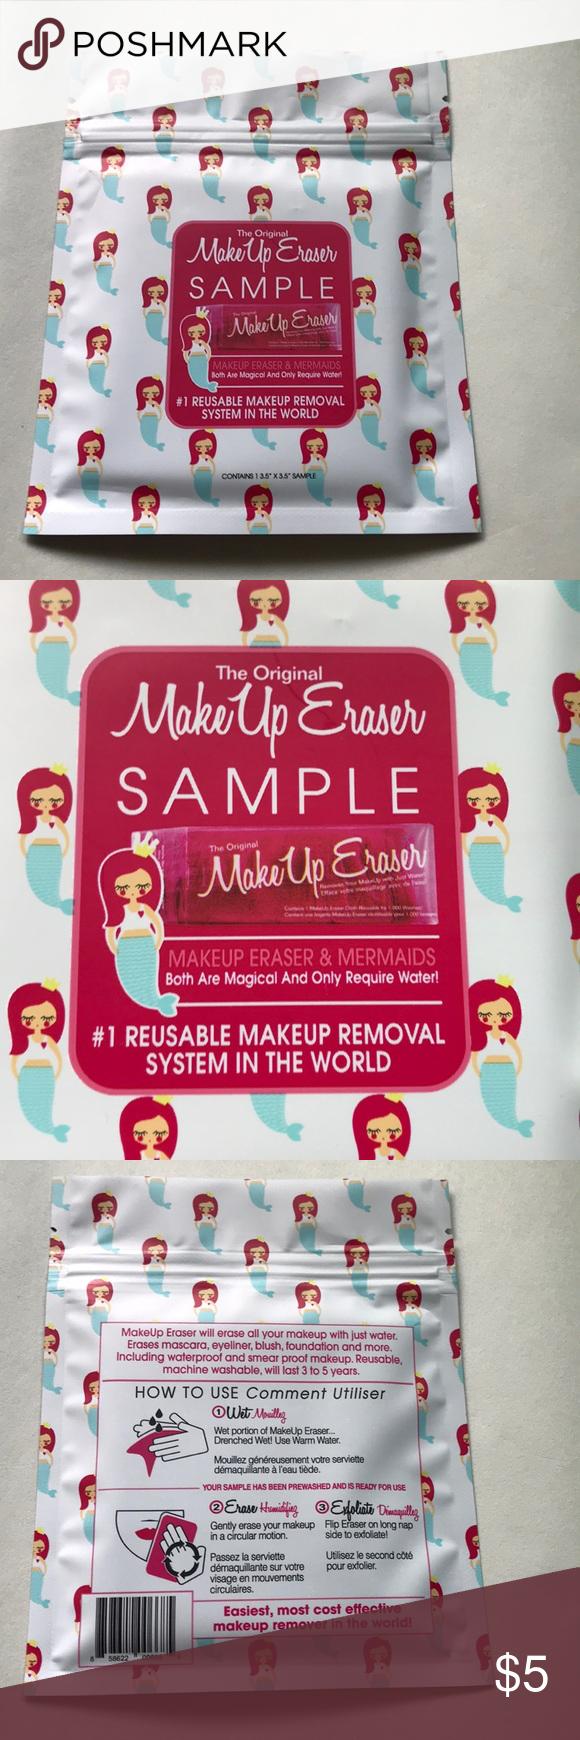 The Original Makeup Eraser Sample NWT Makeup eraser